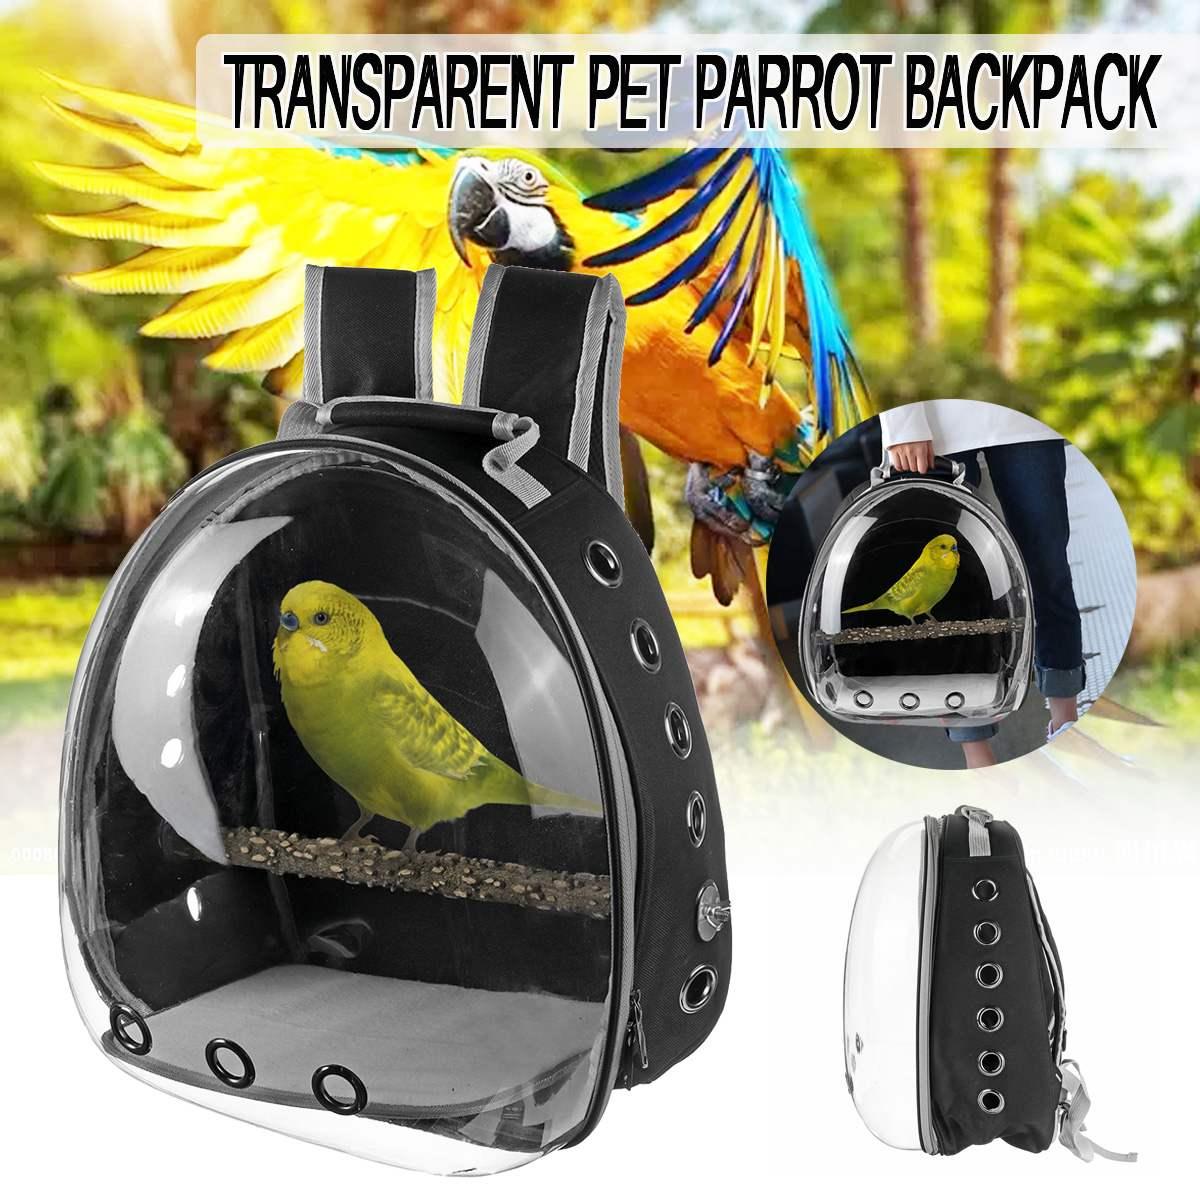 Cages à oiseaux nid maison Transparent sac à dos pour animaux de compagnie perroquet transporteur Cage oiseau voyage sac en bois Stand maison accessoires pour animaux de compagnie décoration